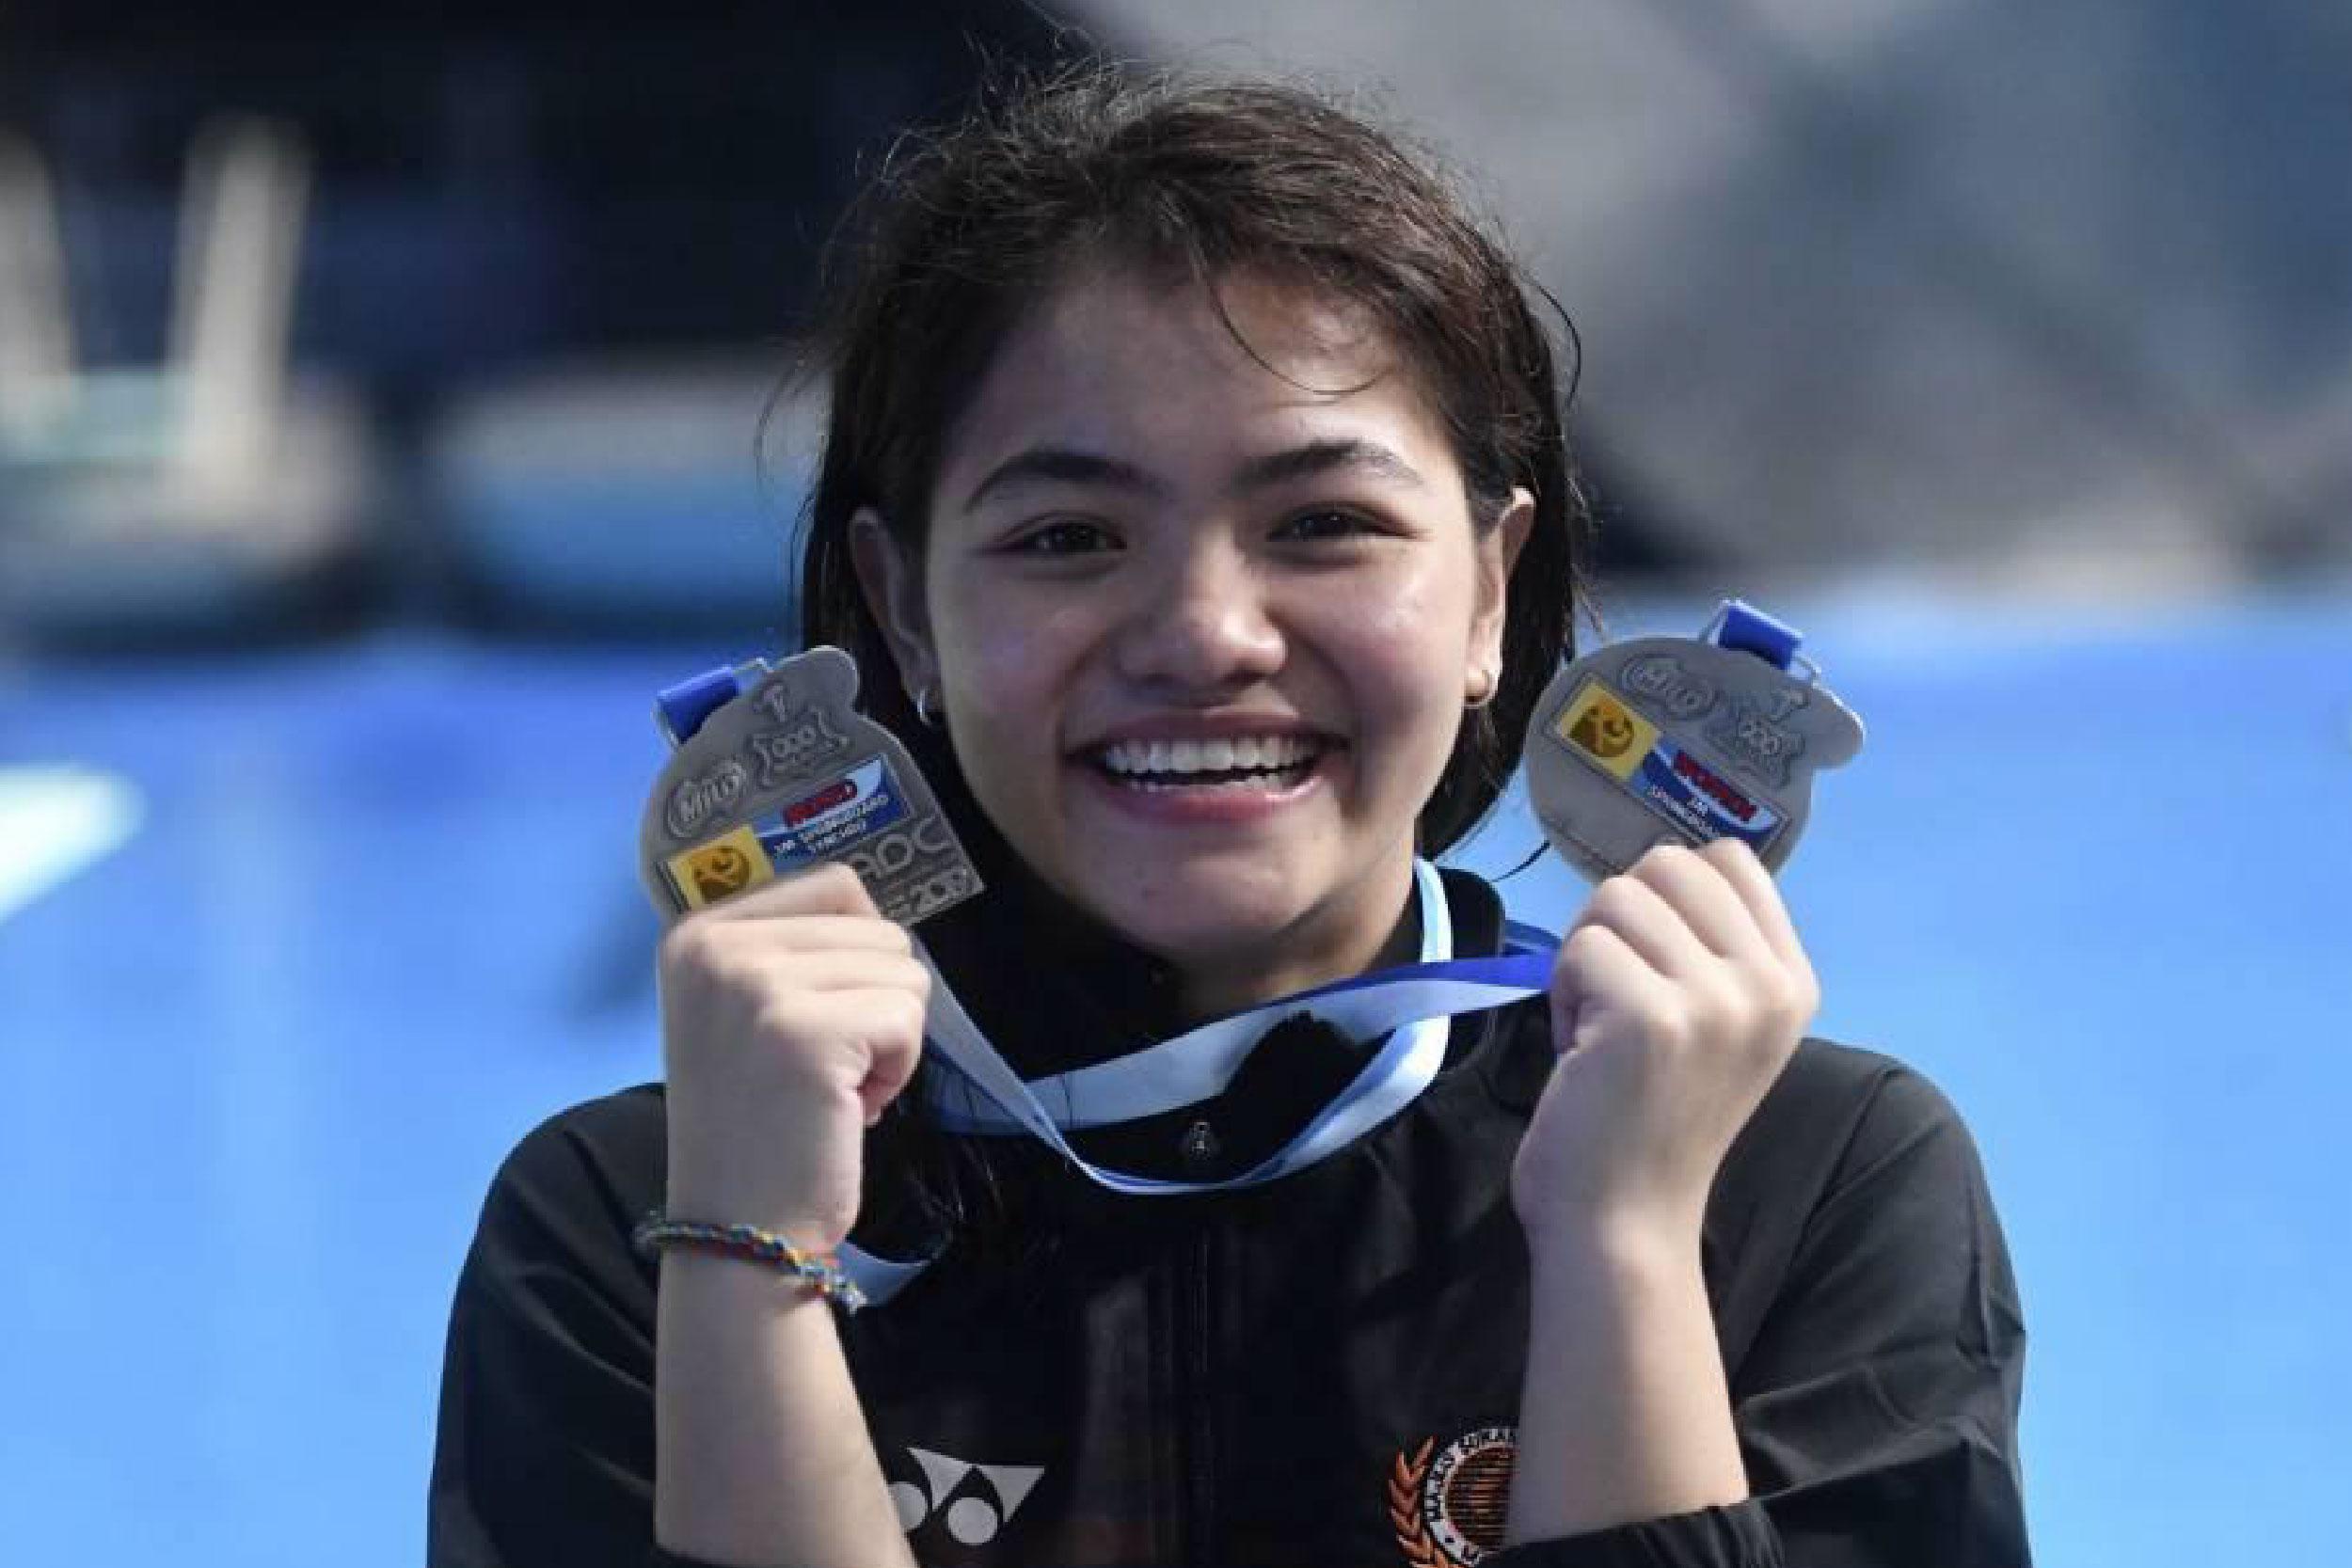 年仅22岁的诺达比塔希望能在东京赢得她的首枚奥运奖牌。-马新社-